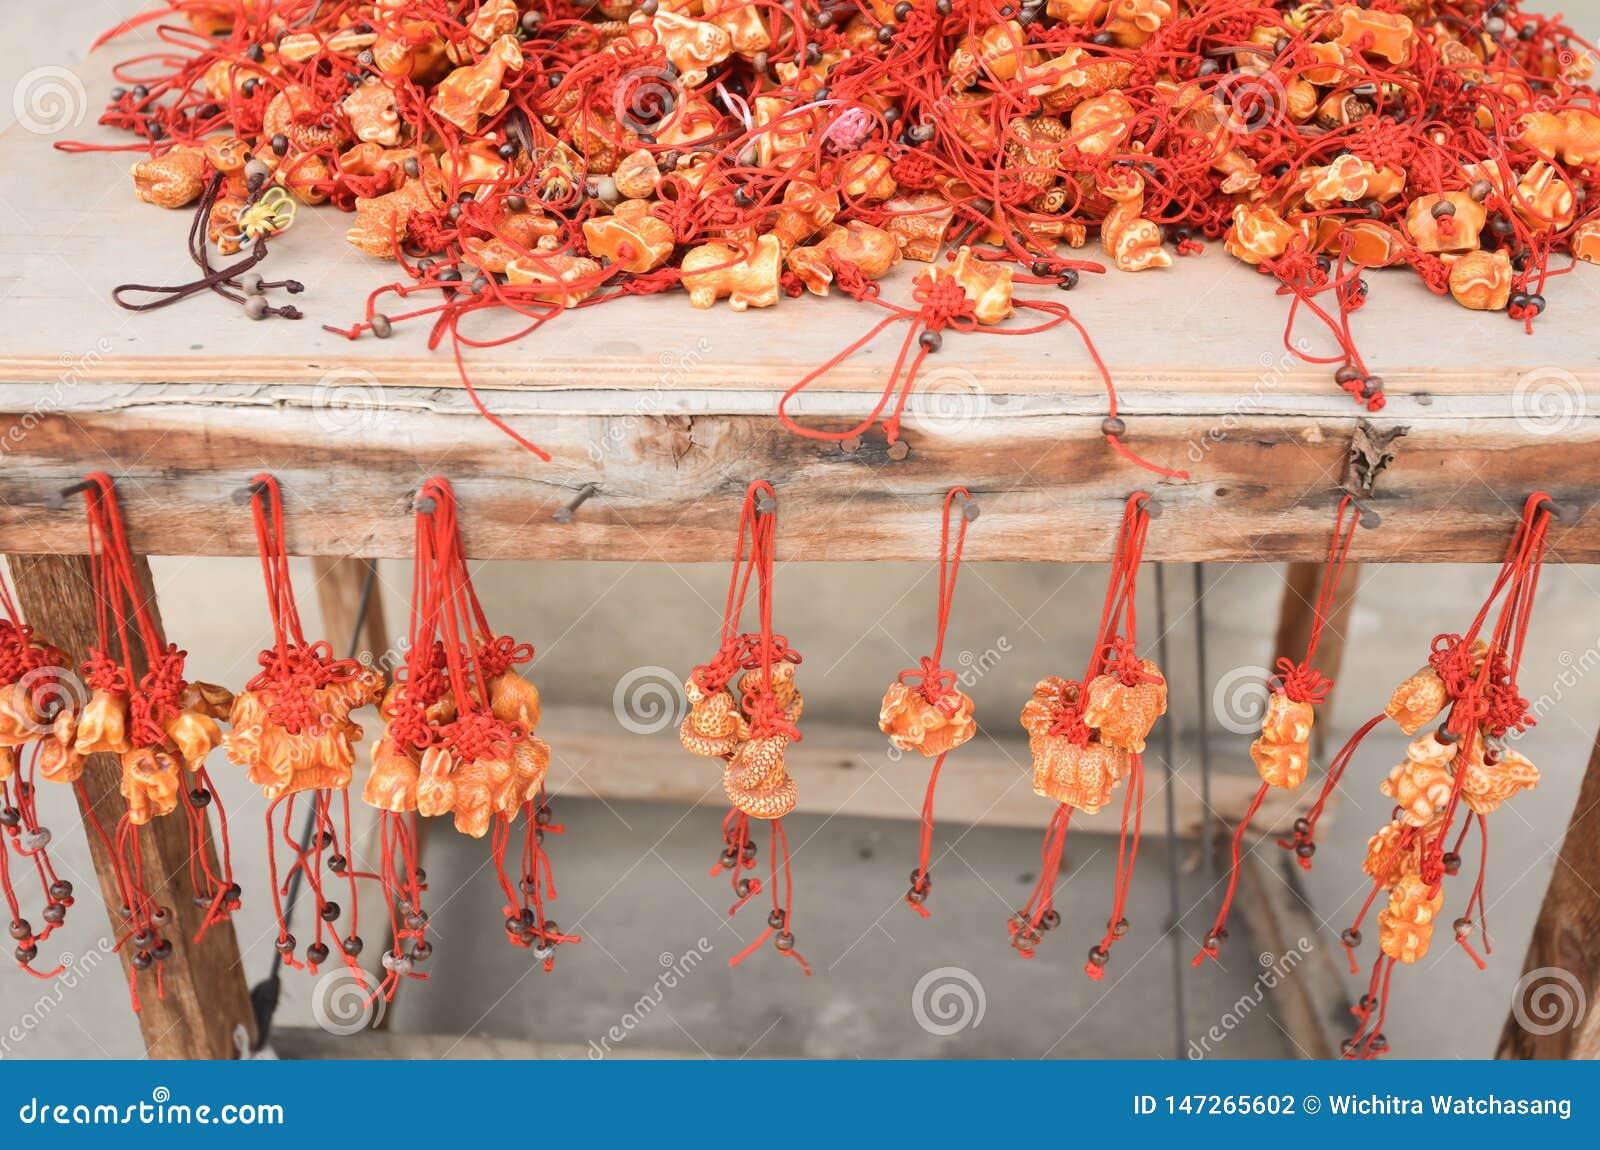 Κόκκινο τυχερό αναμνηστικό από το zodia στις κινεζικές πεποιθήσεις